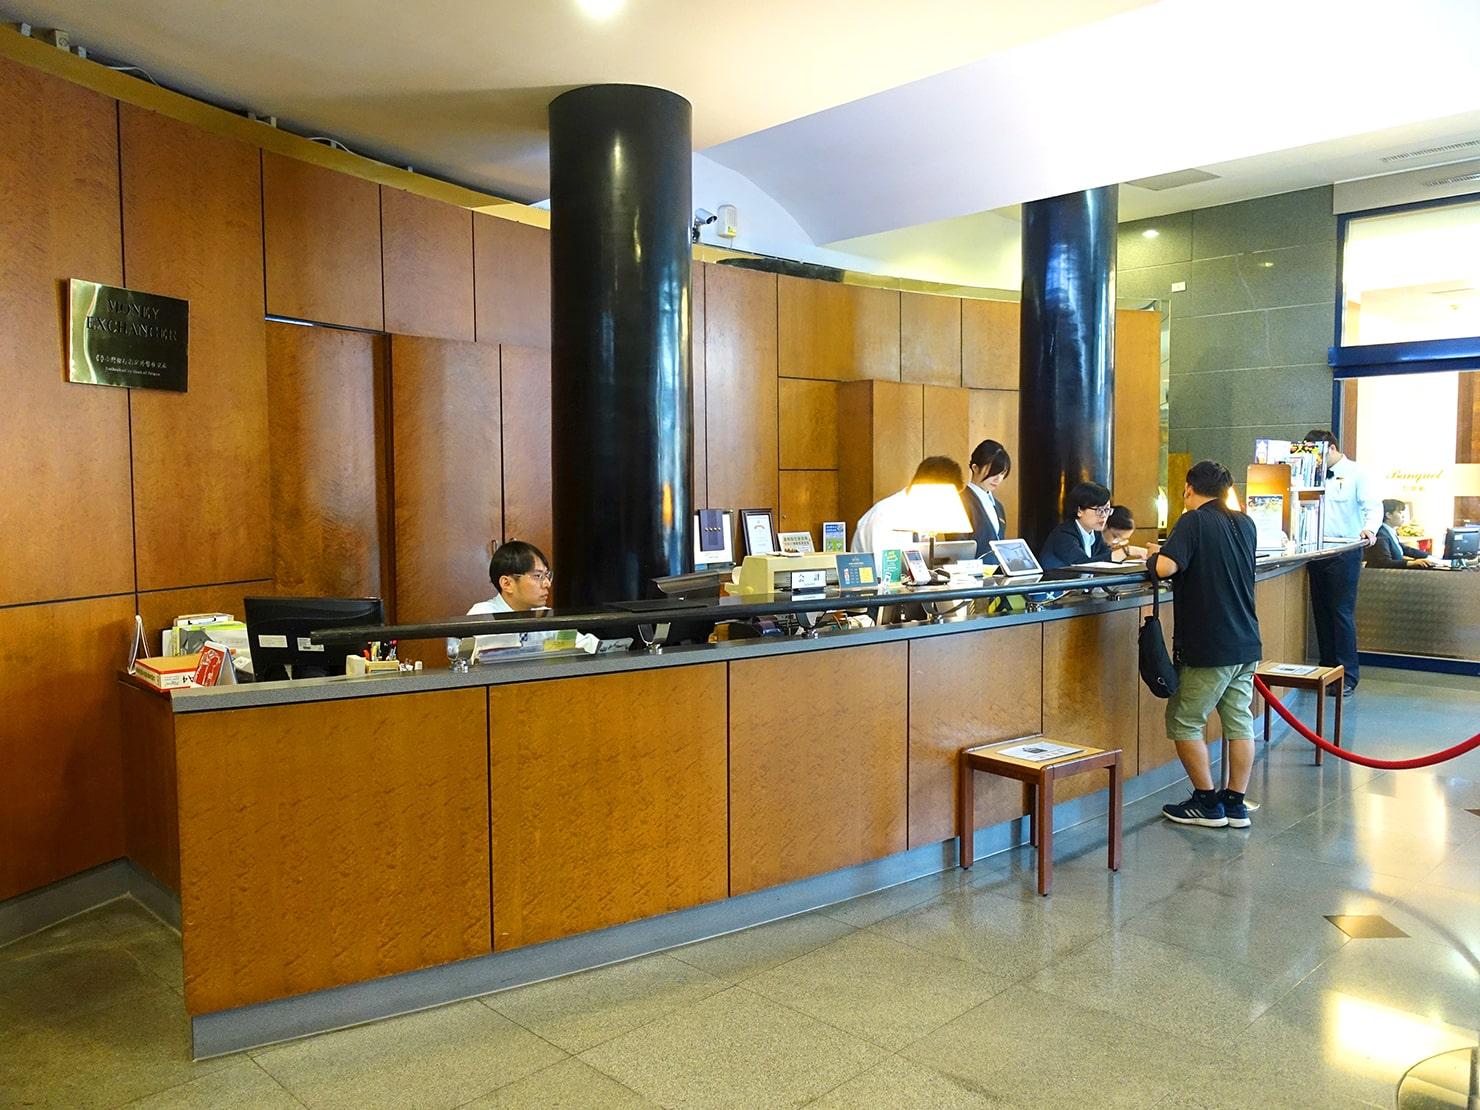 台南駅が目の前の老舗ホテル「台南大飯店 Hotel Tainan」のチェックインカウンター